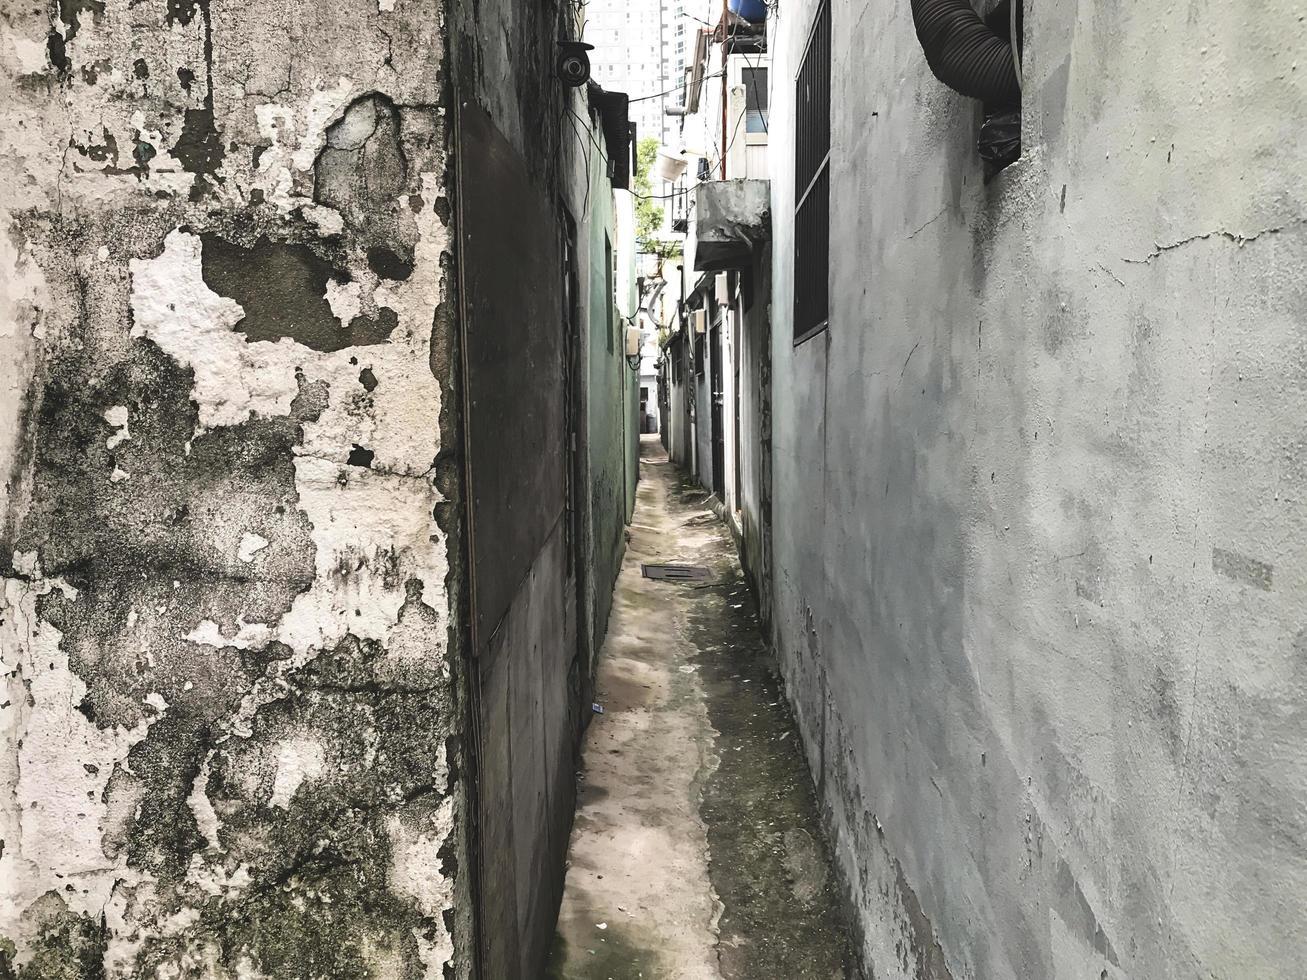 smalle straat in de haven van Busan, Zuid-Korea foto